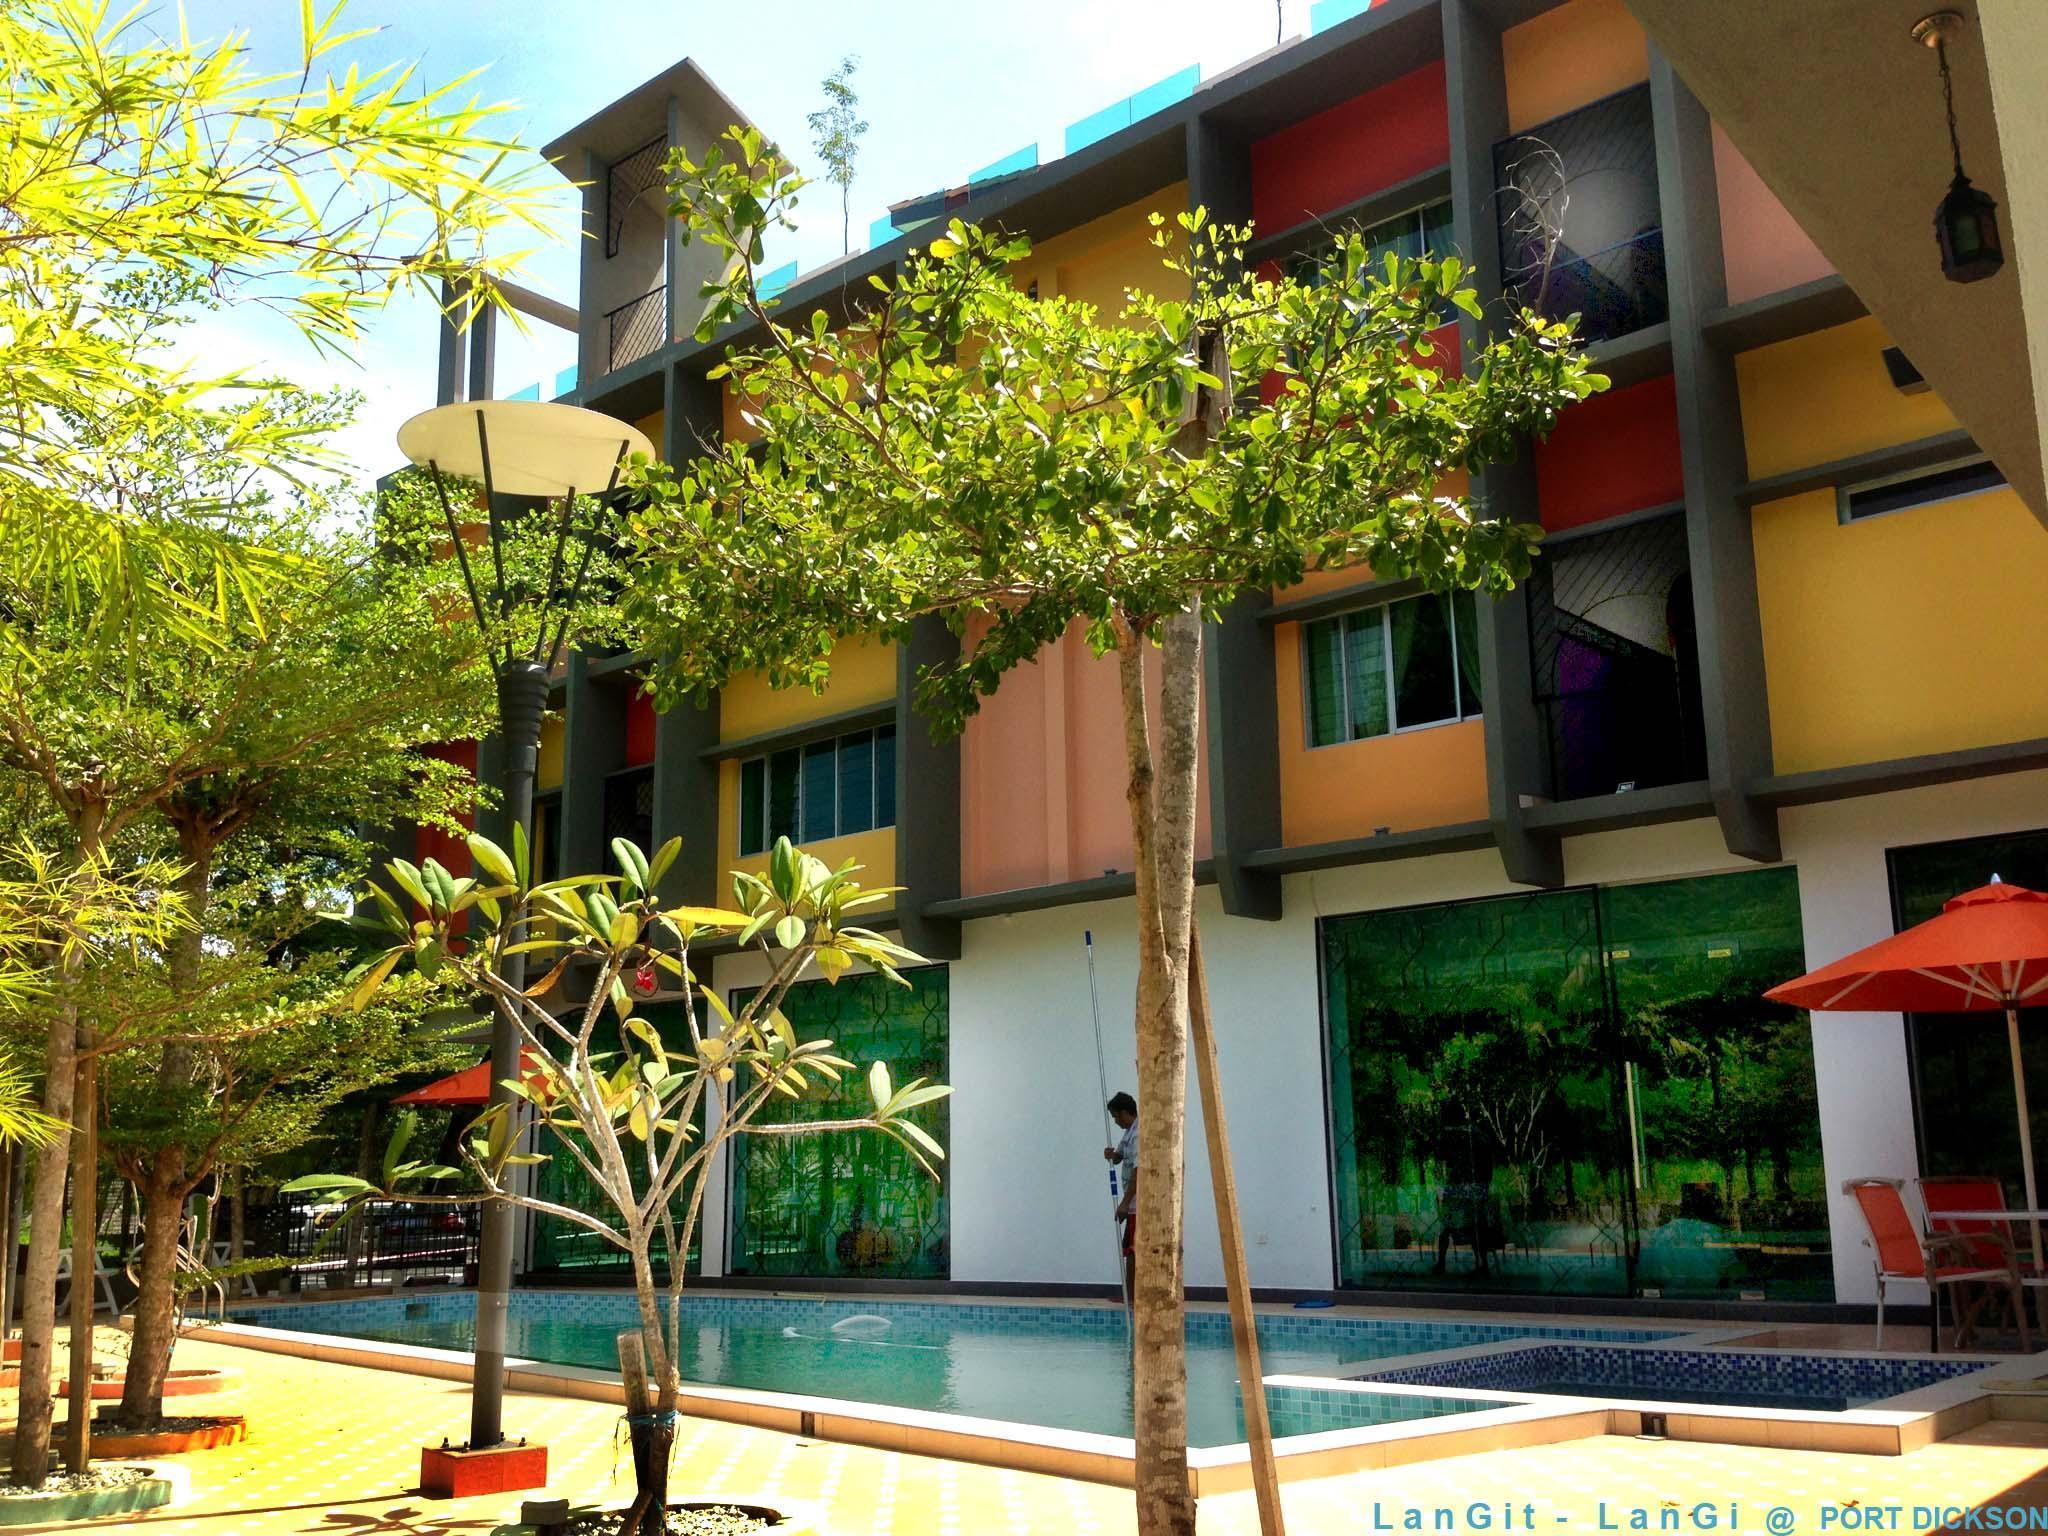 Langit Langi Hotel at Port Dickson